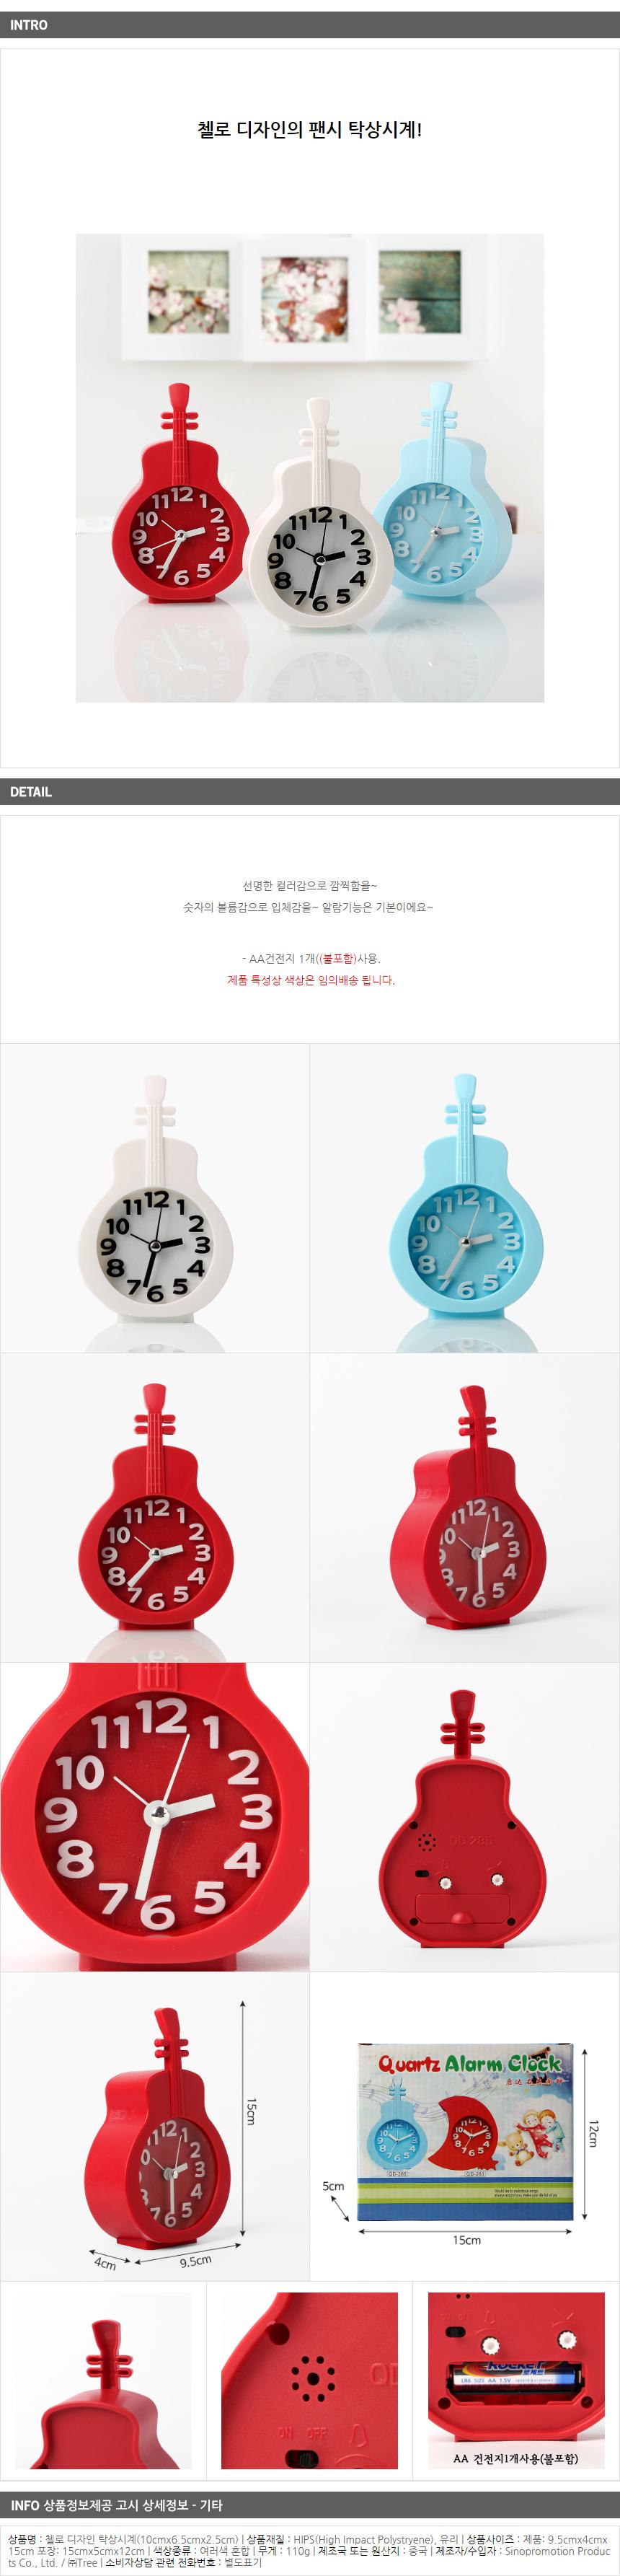 첼로 디자인 탁상시계 인테리어 미니시계 - 기프트갓, 4,000원, 알람/탁상시계, 디자인시계